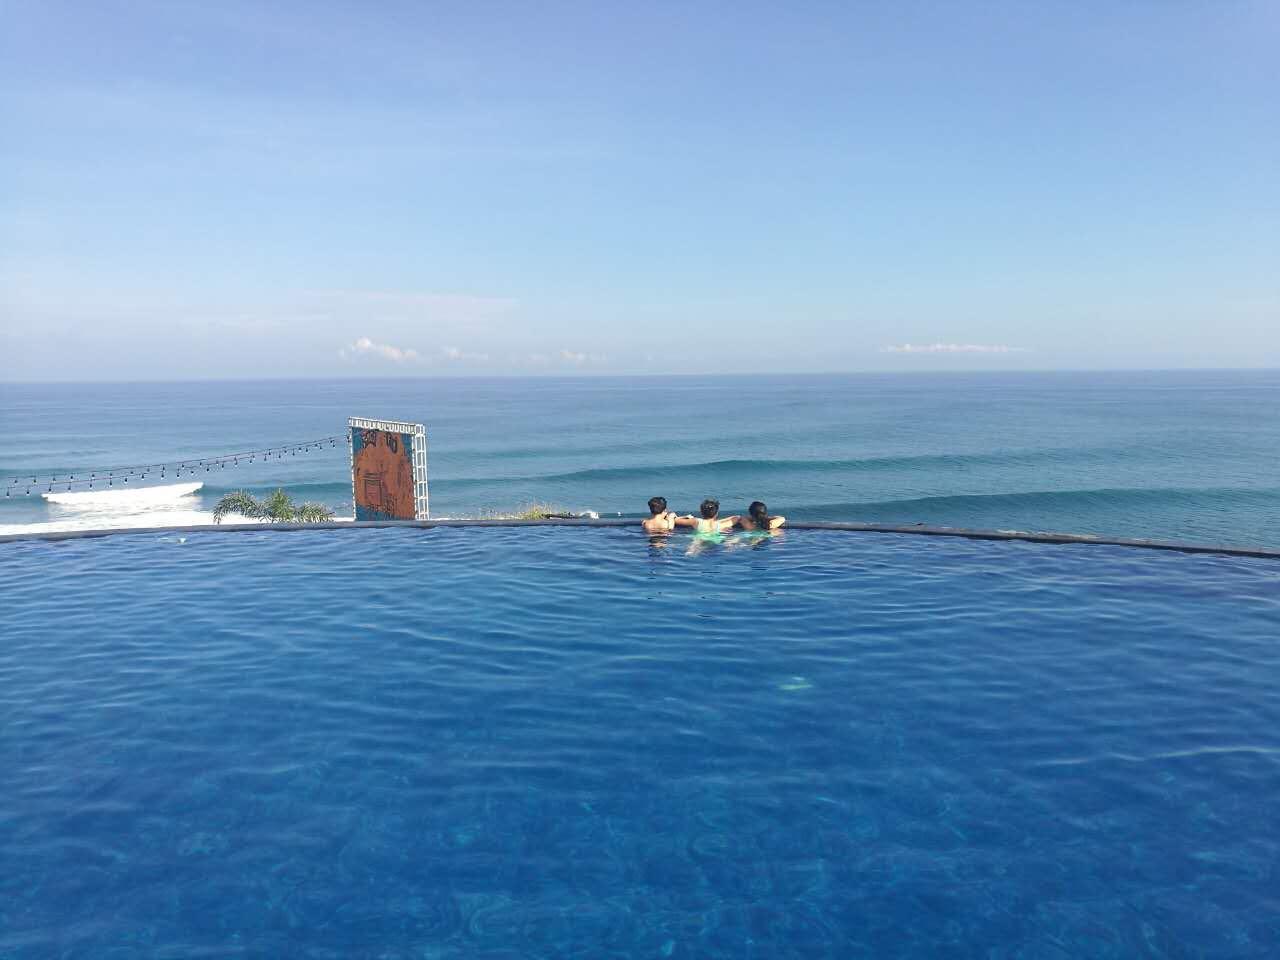 【百旅会】巴厘岛6天5晚半自助游_南昌到巴厘岛跟团